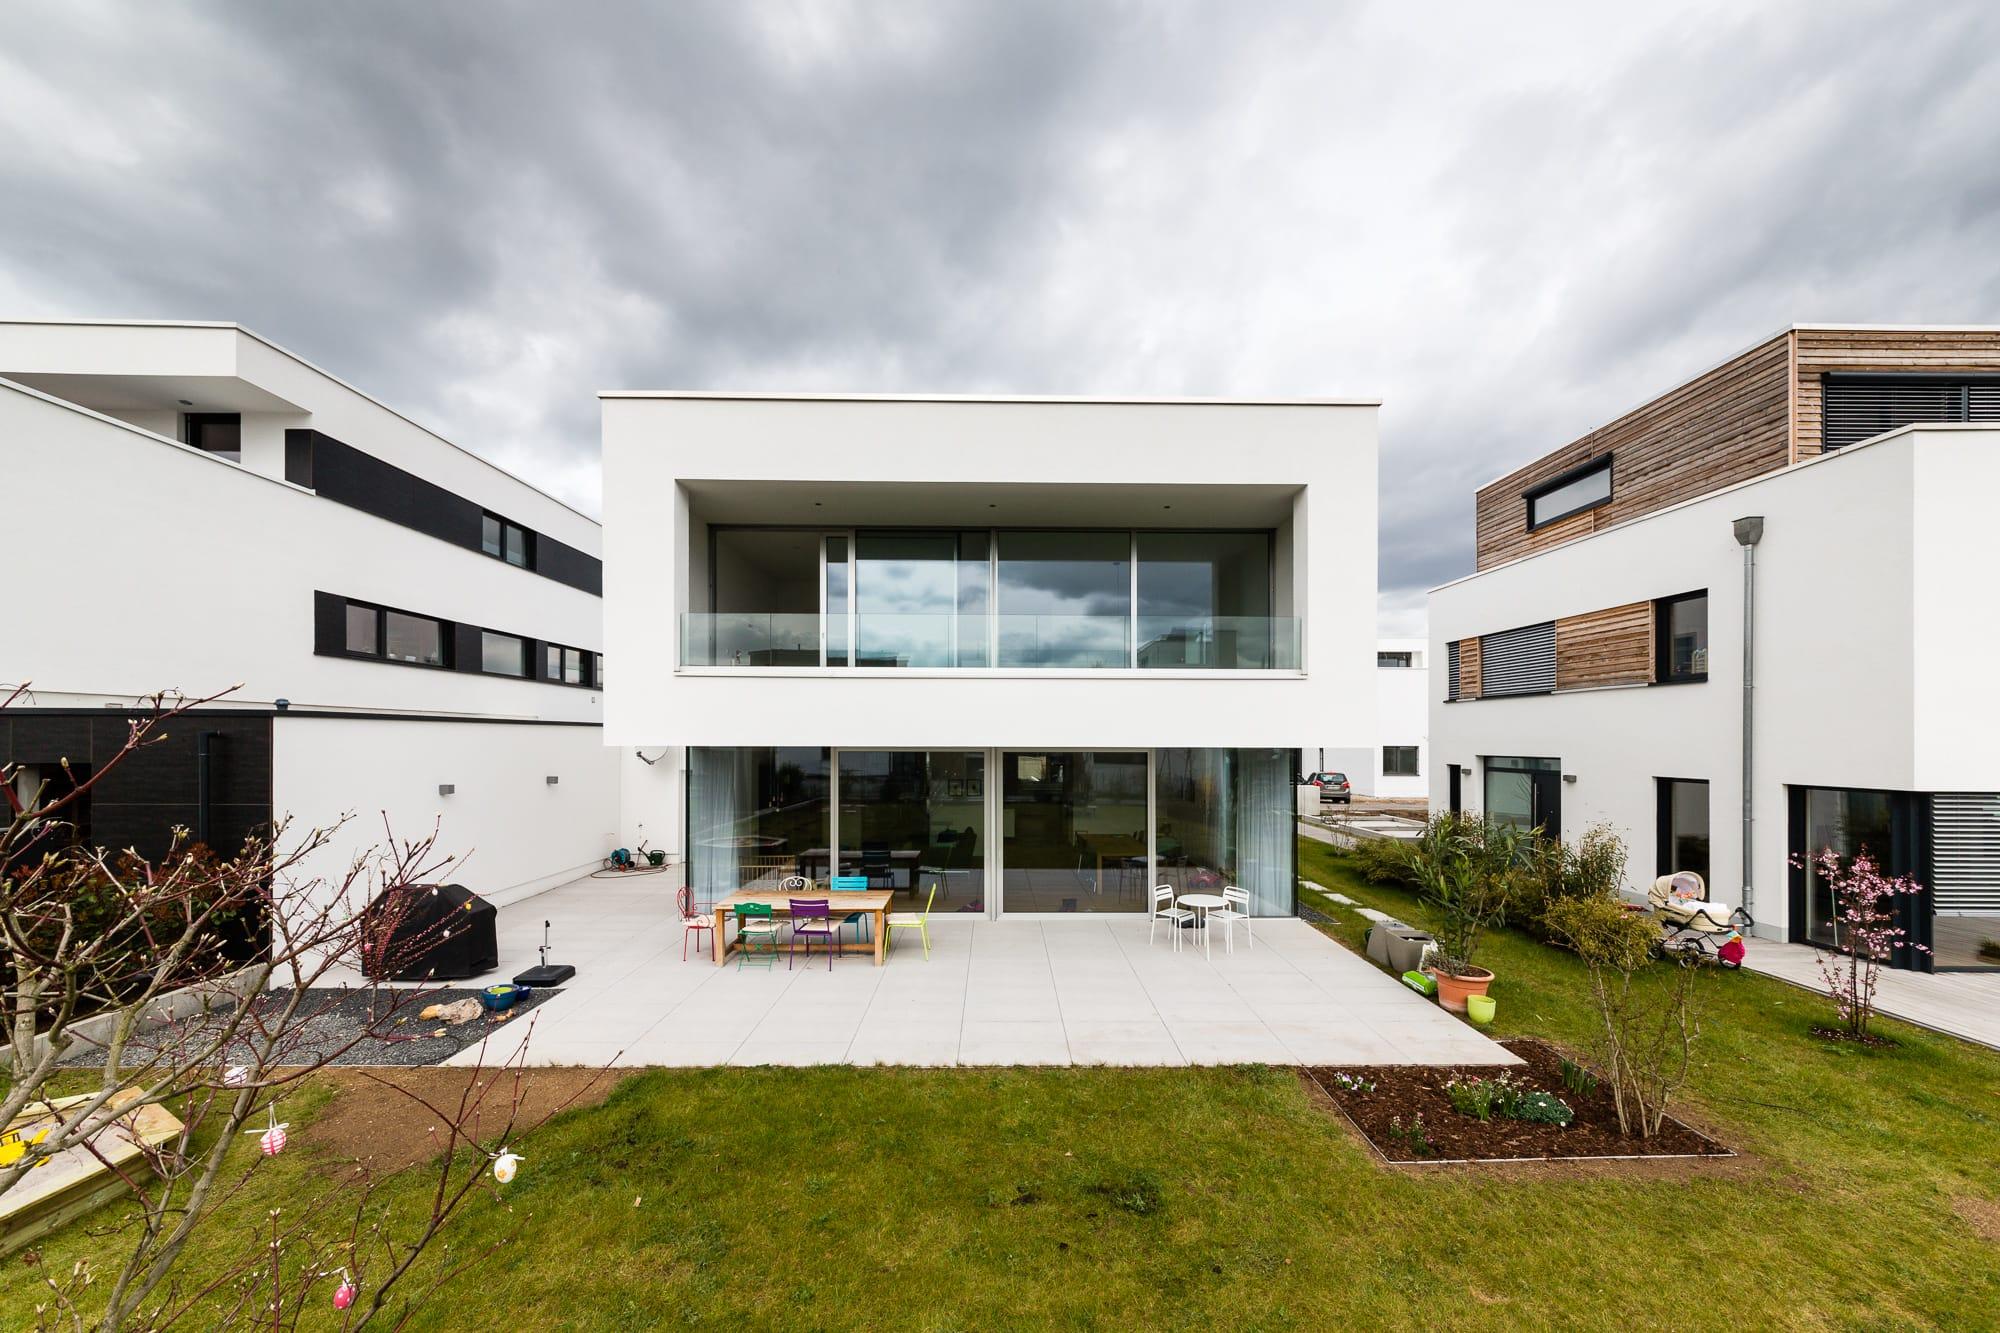 architektur wohnhaus s1 mainz querformat fotografie